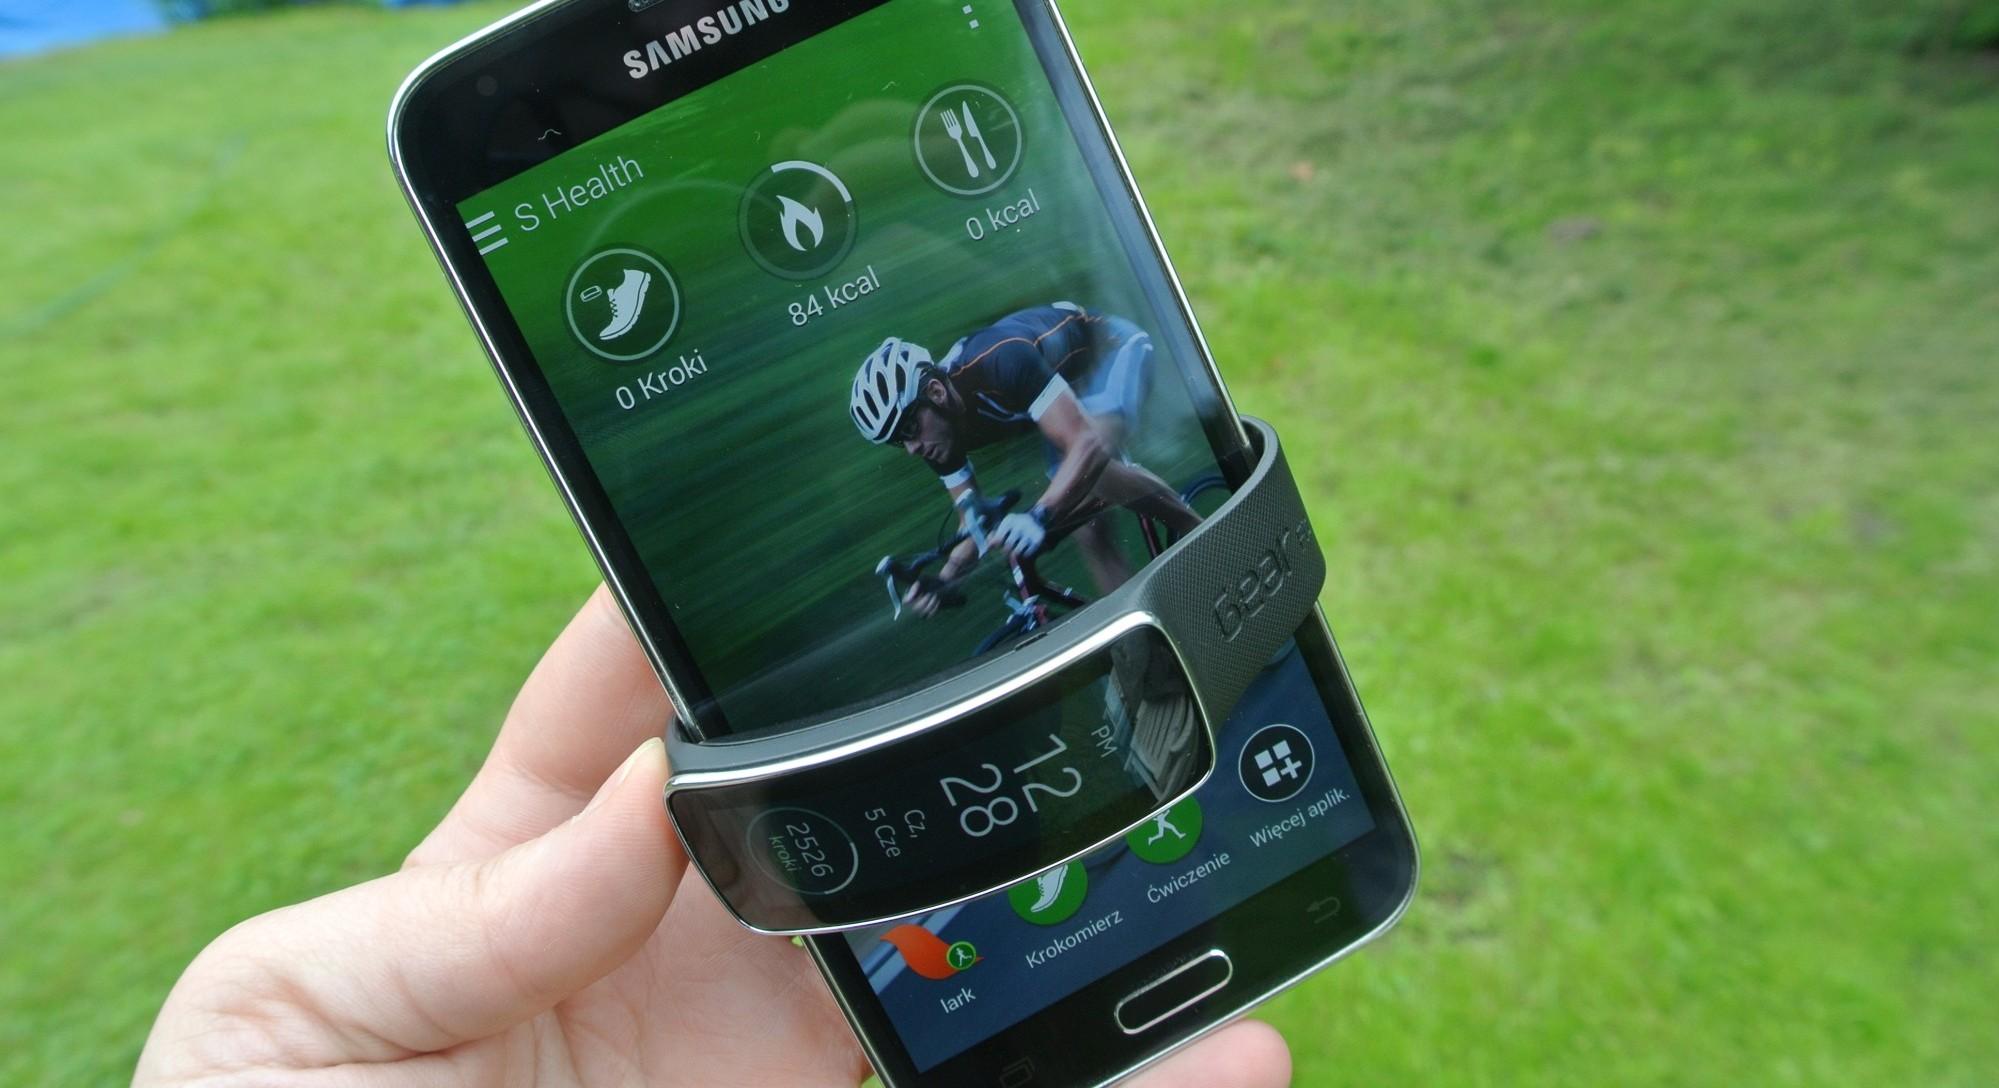 Trio Samsung Galaxy S 5, Gear 2 i Gear Fit – jest pomysł, wykonaniu trochę brakuje